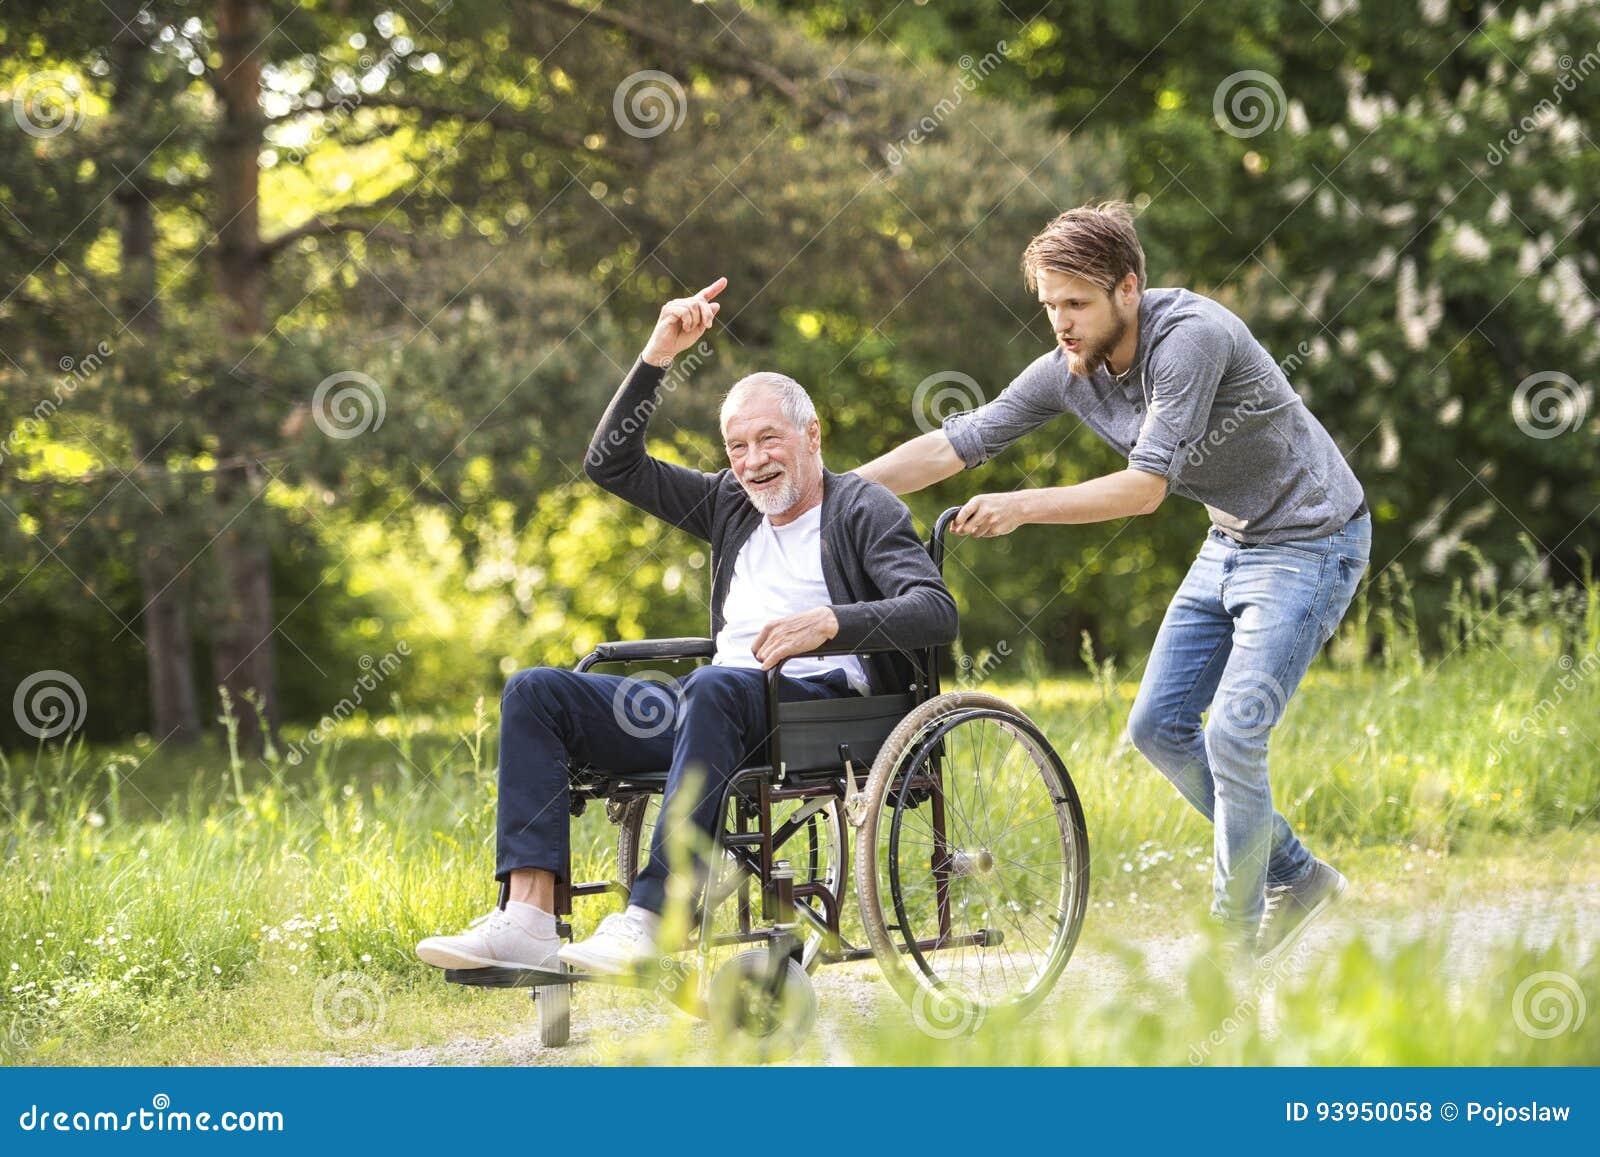 Figlio dei pantaloni a vita bassa che cammina con il padre disabile in sedia a rotelle al parco